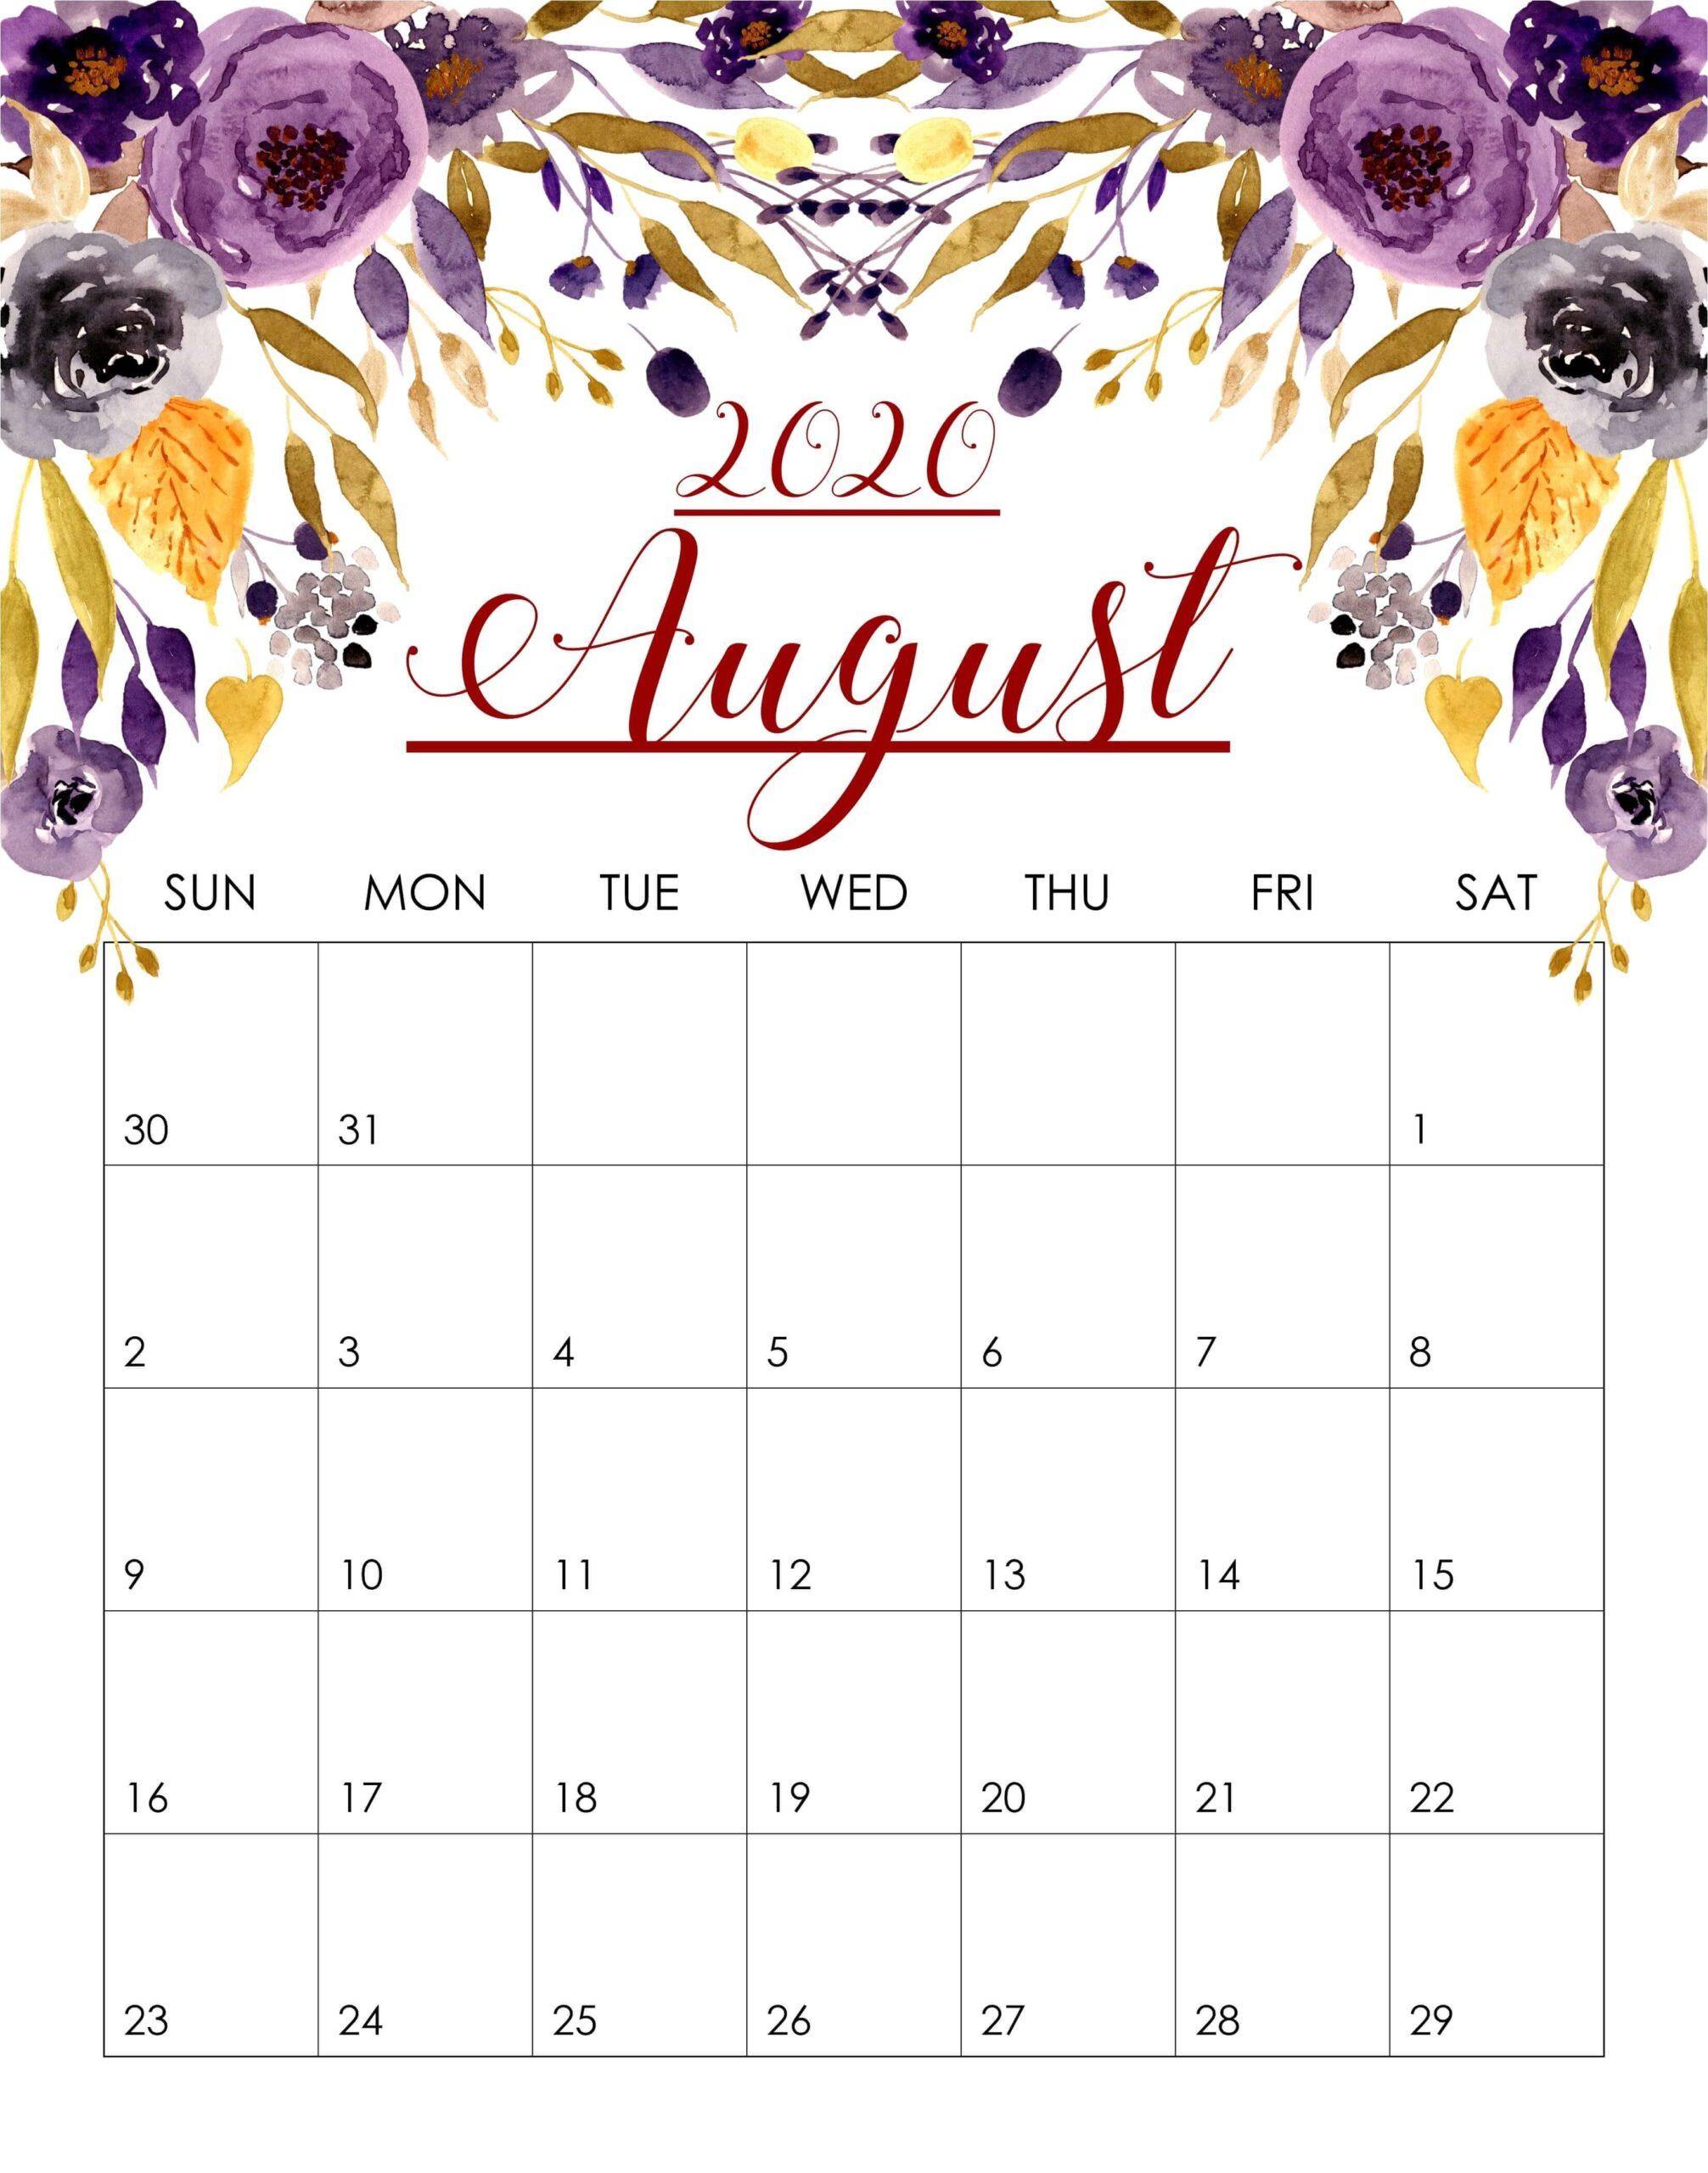 August Calendar 2020 Template